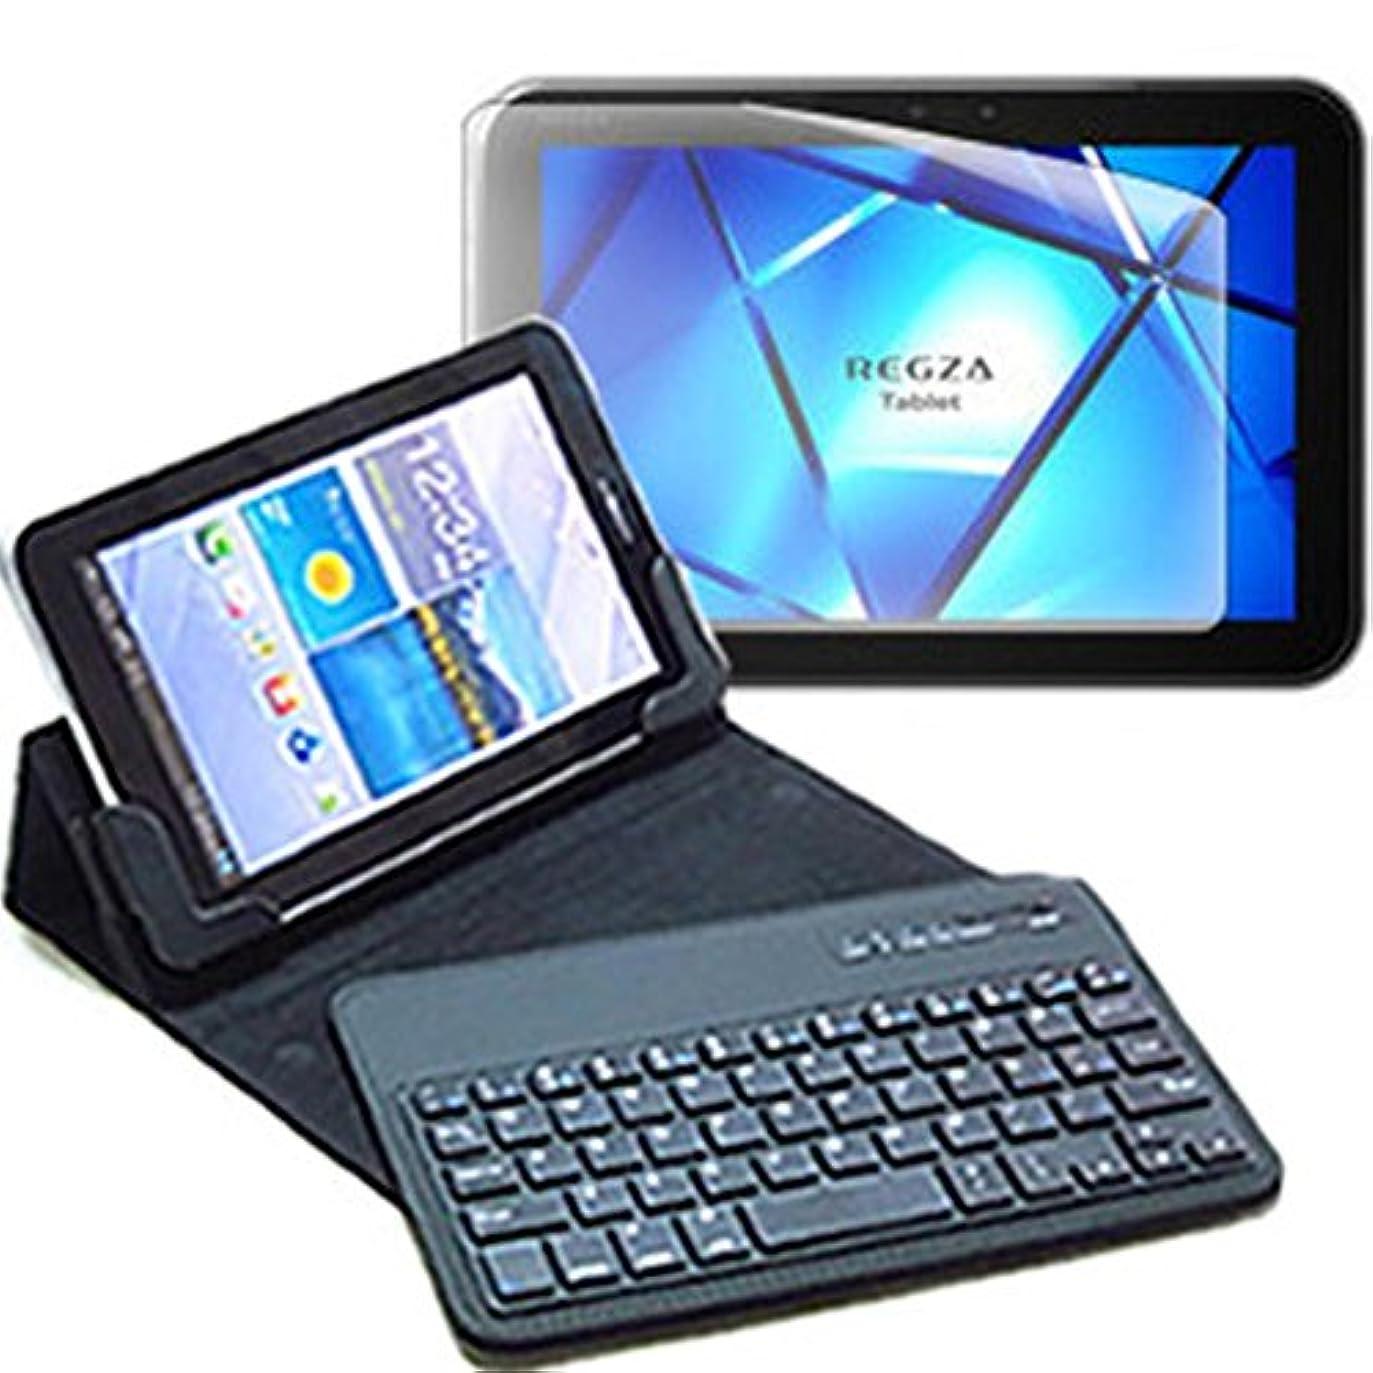 正直首尾一貫した緊張するメディアカバーマーケット 東芝 REGZA Tablet AT500/36F PA50036FNAS【10.1インチ(1280x800)】機種用 【Bluetoothワイヤレスキーボード付き タブレットケース と 指紋防止 クリア 光沢 液晶保護フィルム のセット】